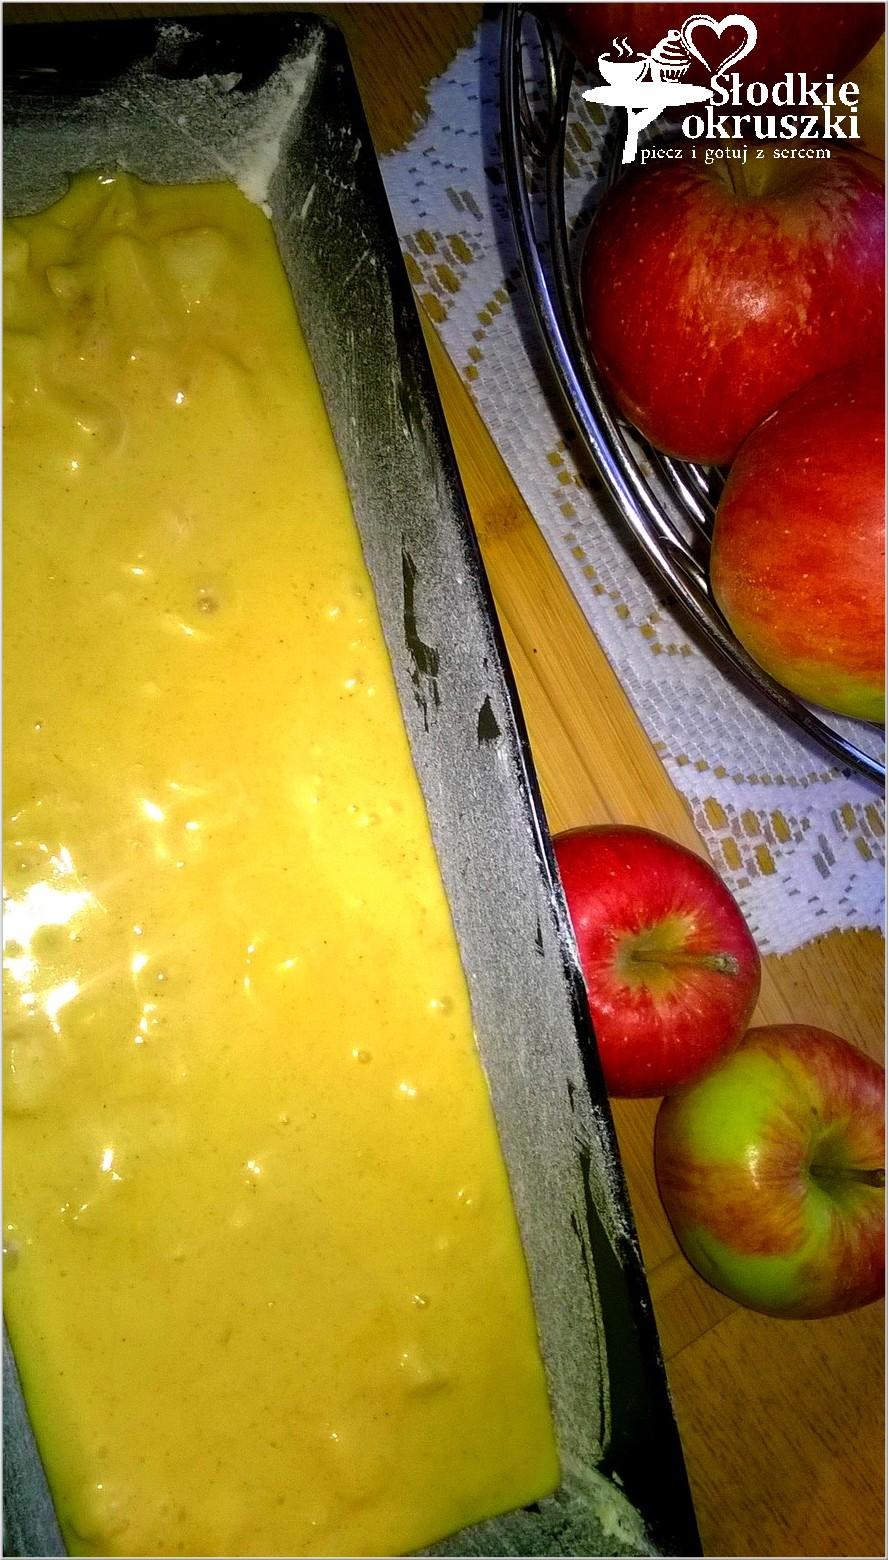 Cynamonowy jabłecznik - przygotowanie